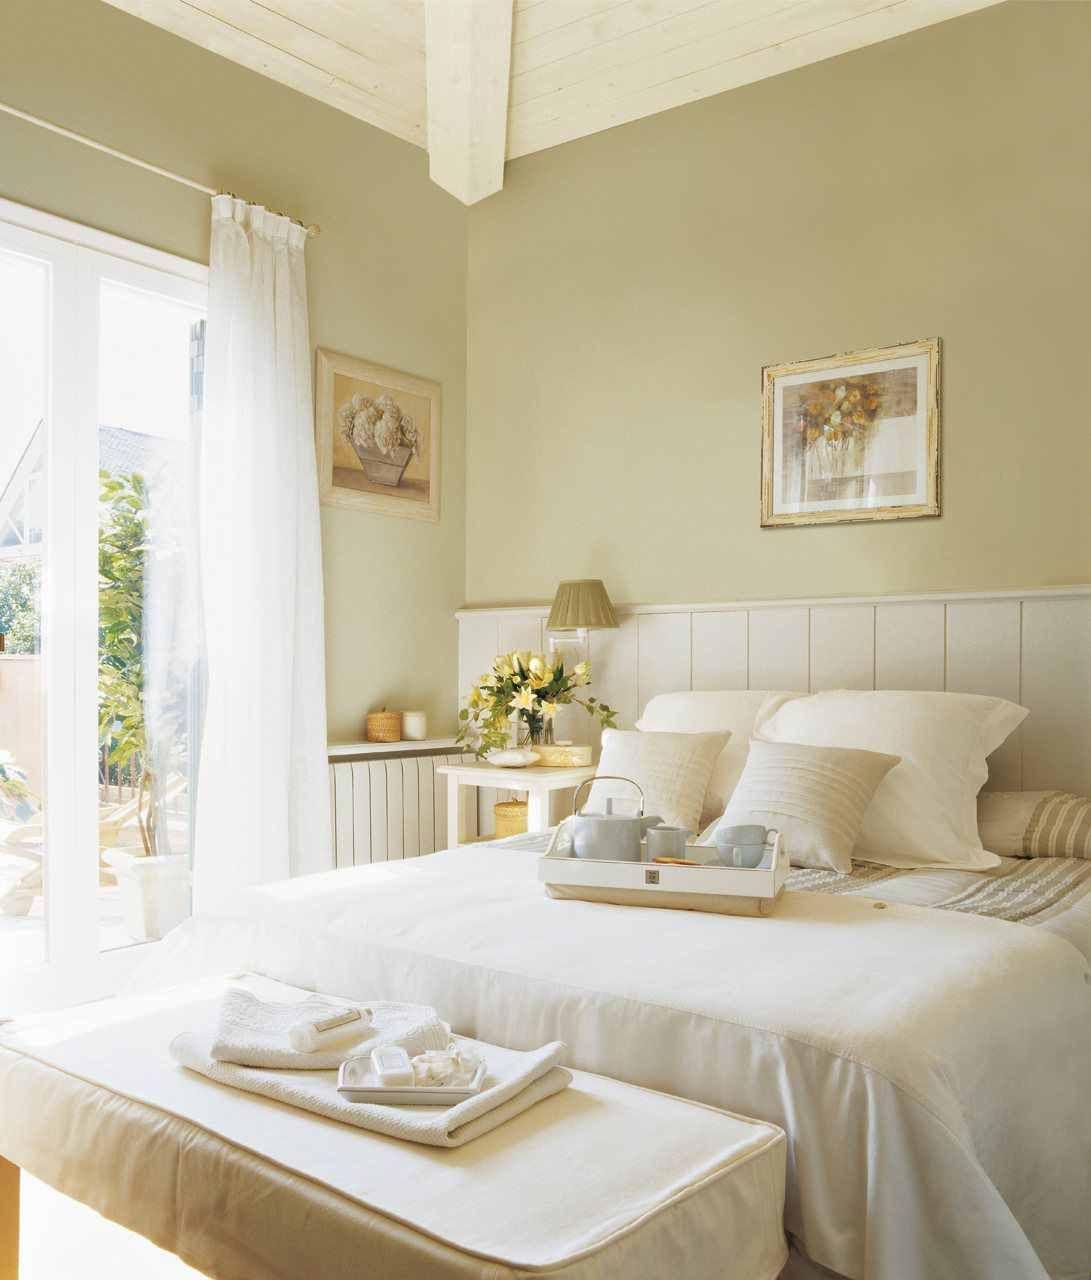 Dormitorio revista el mueble home sweet home - Modelos de comodas para dormitorio ...